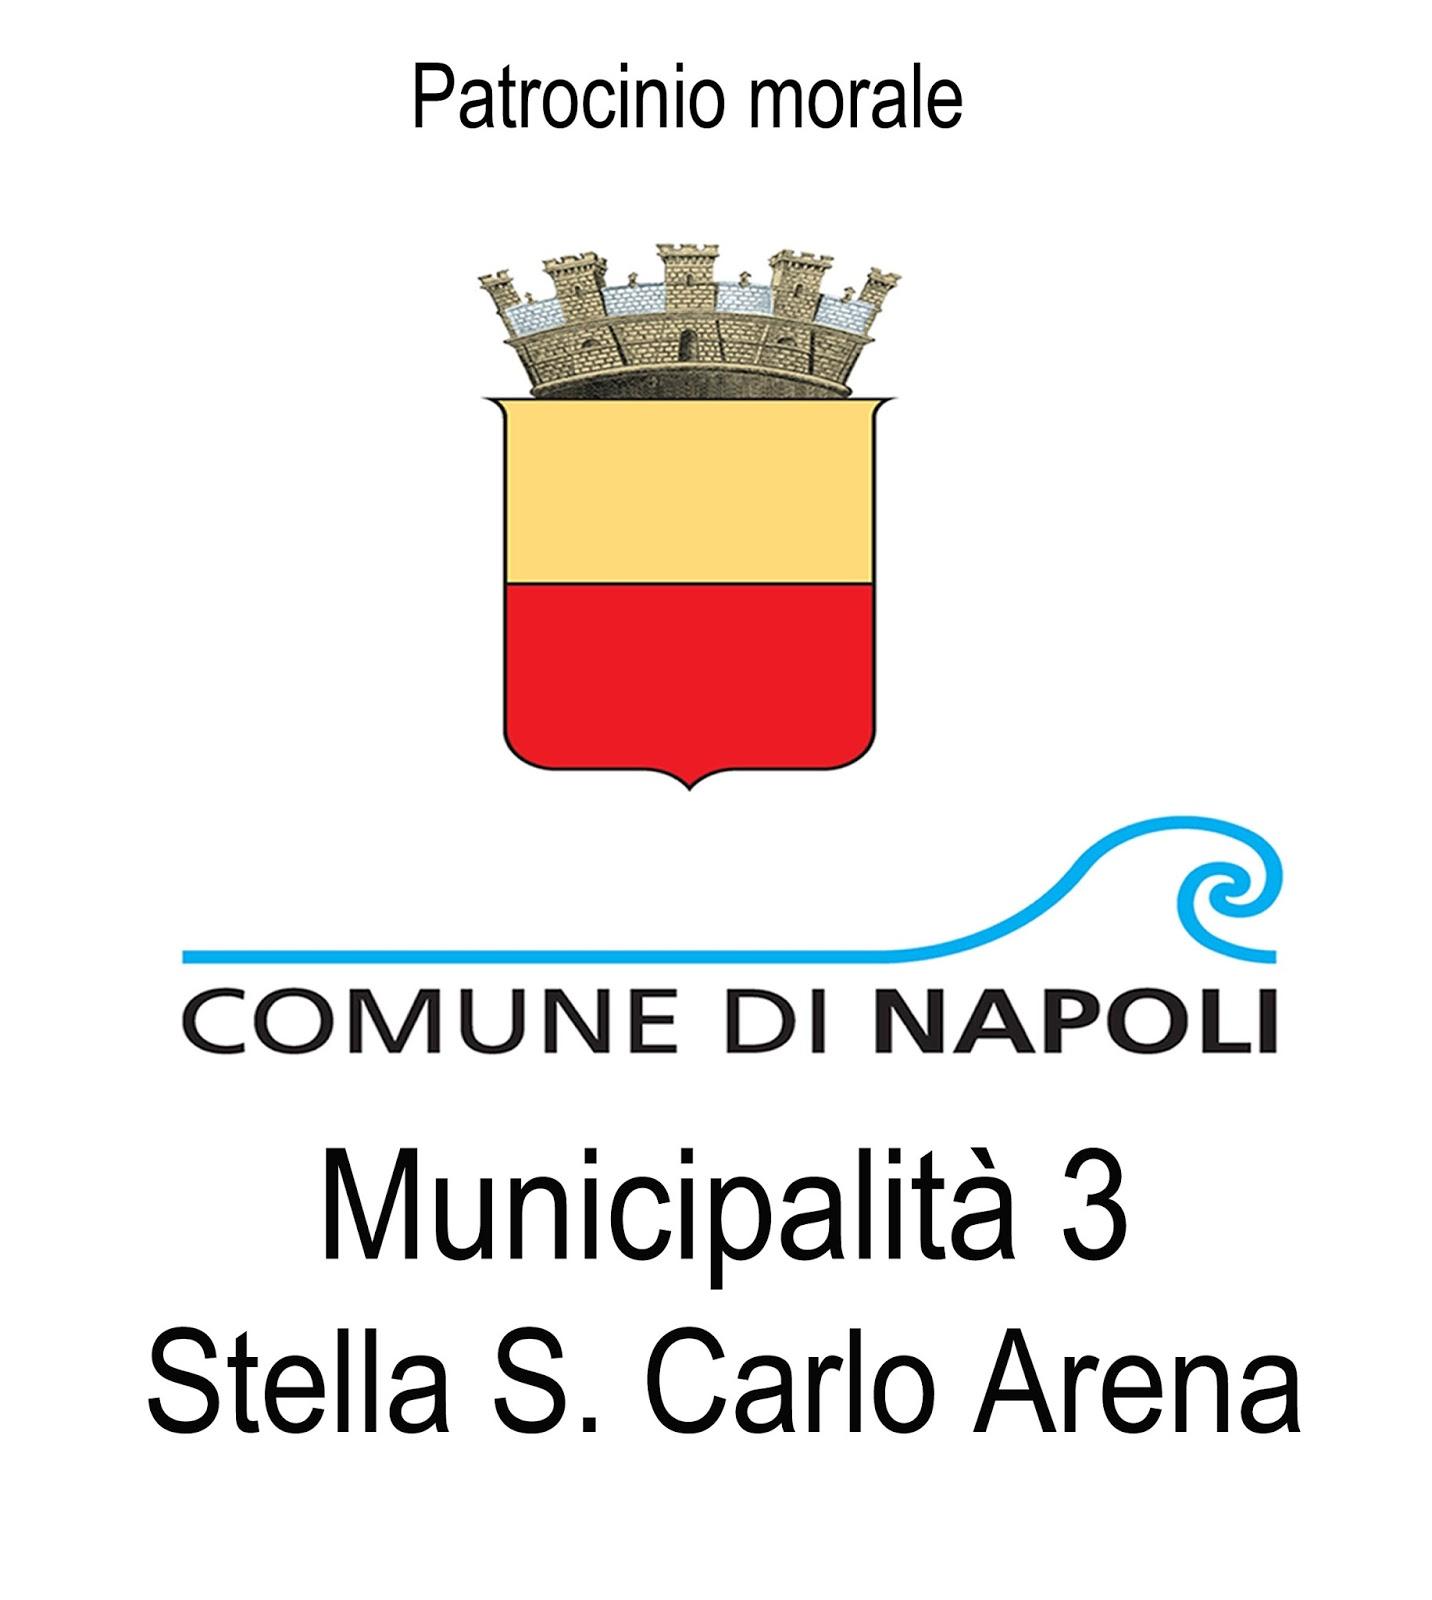 comune di napoli III municipalita